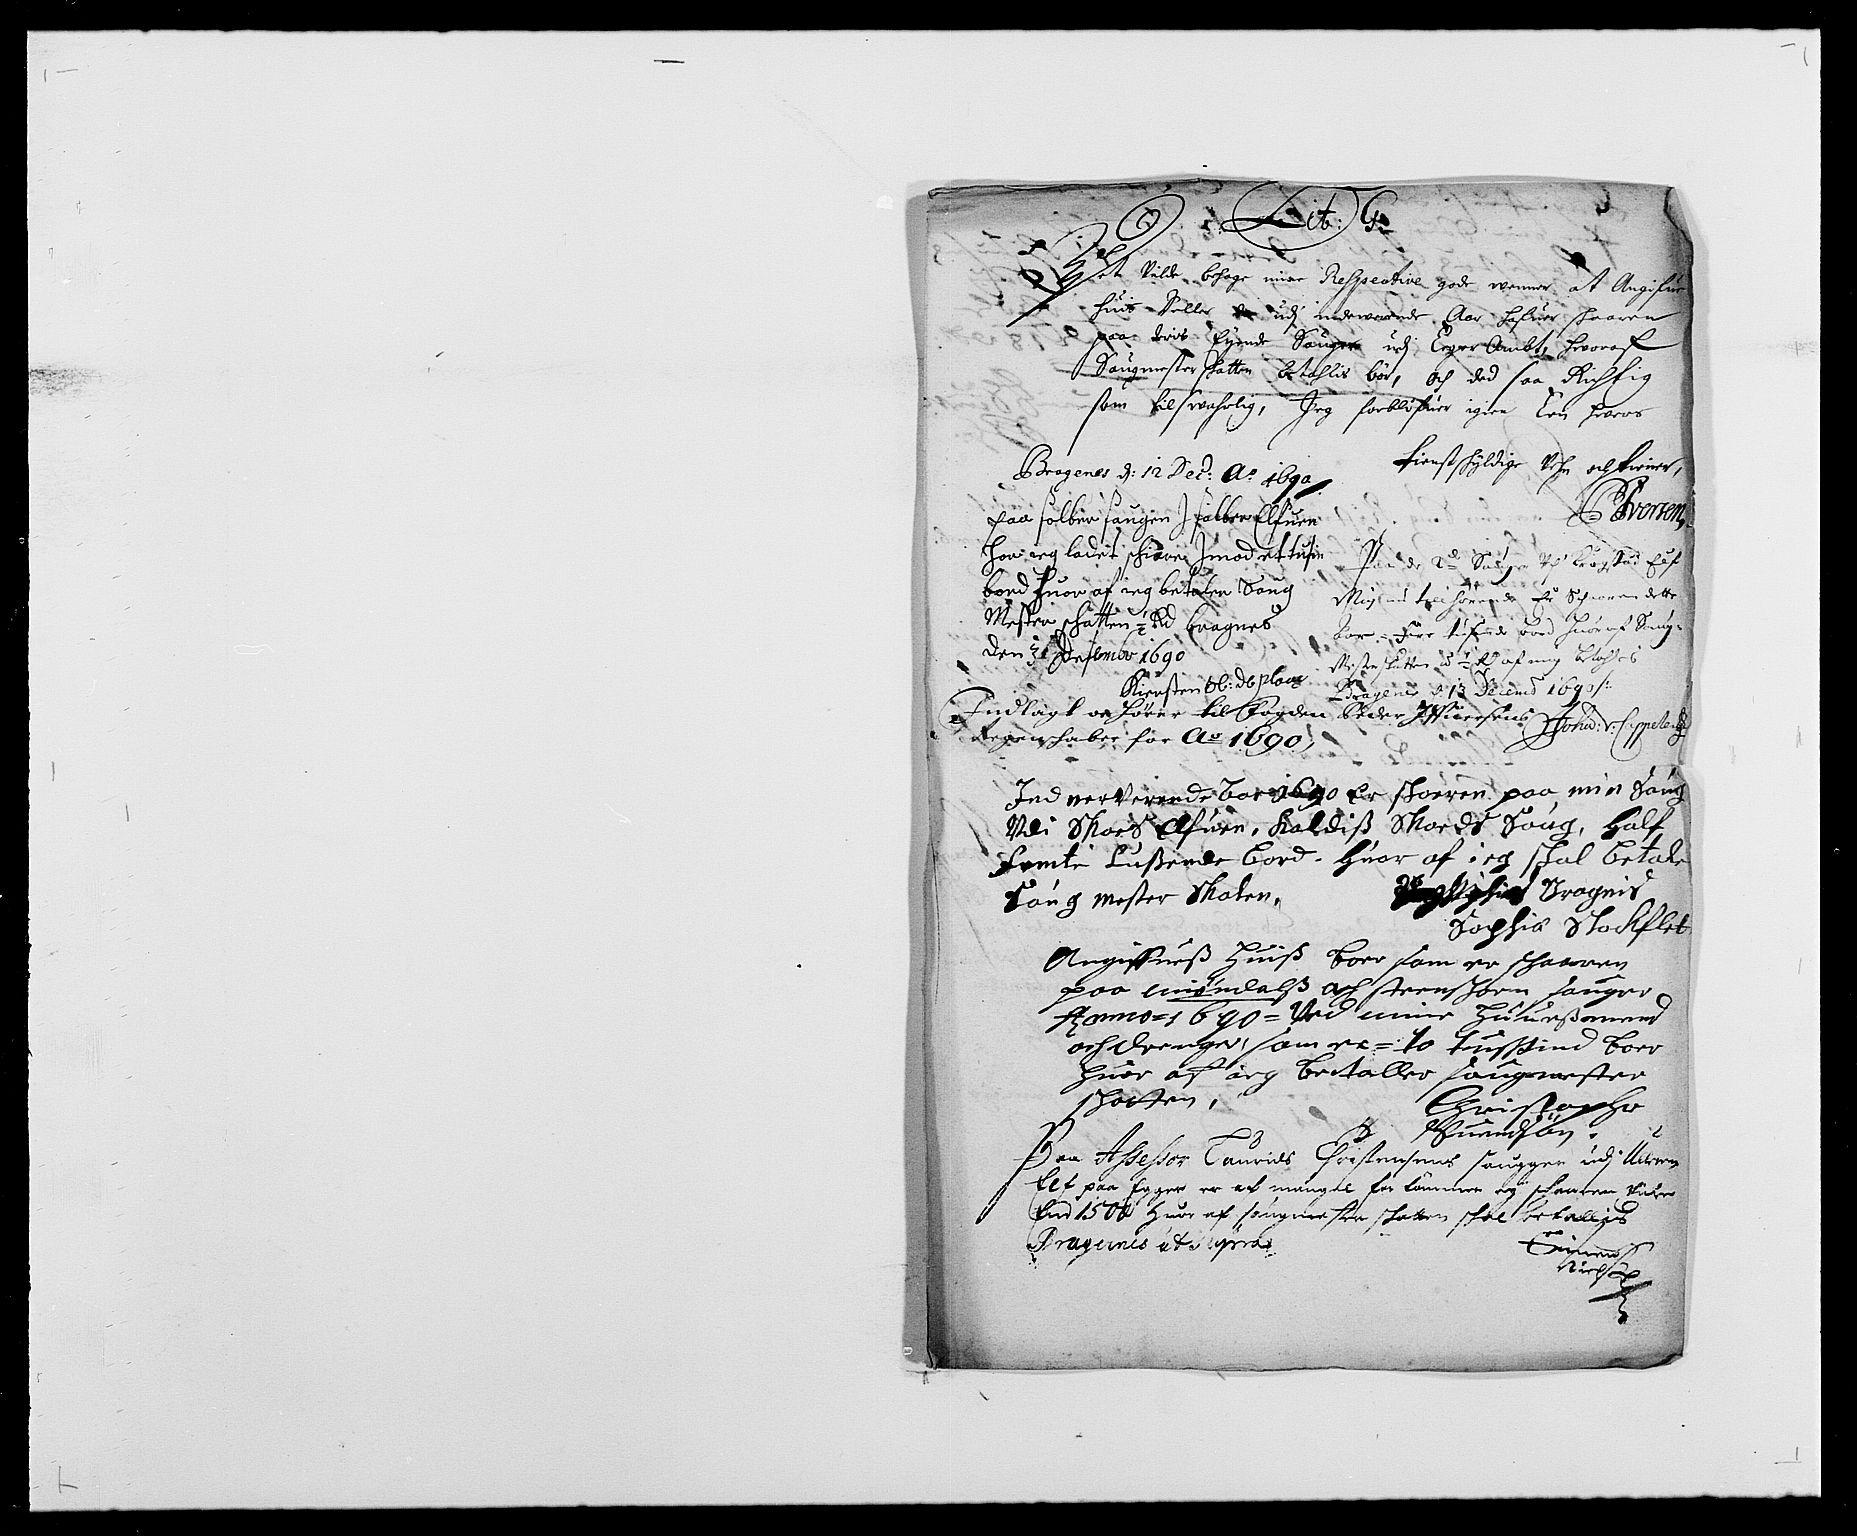 RA, Rentekammeret inntil 1814, Reviderte regnskaper, Fogderegnskap, R28/L1689: Fogderegnskap Eiker og Lier, 1690-1691, s. 95